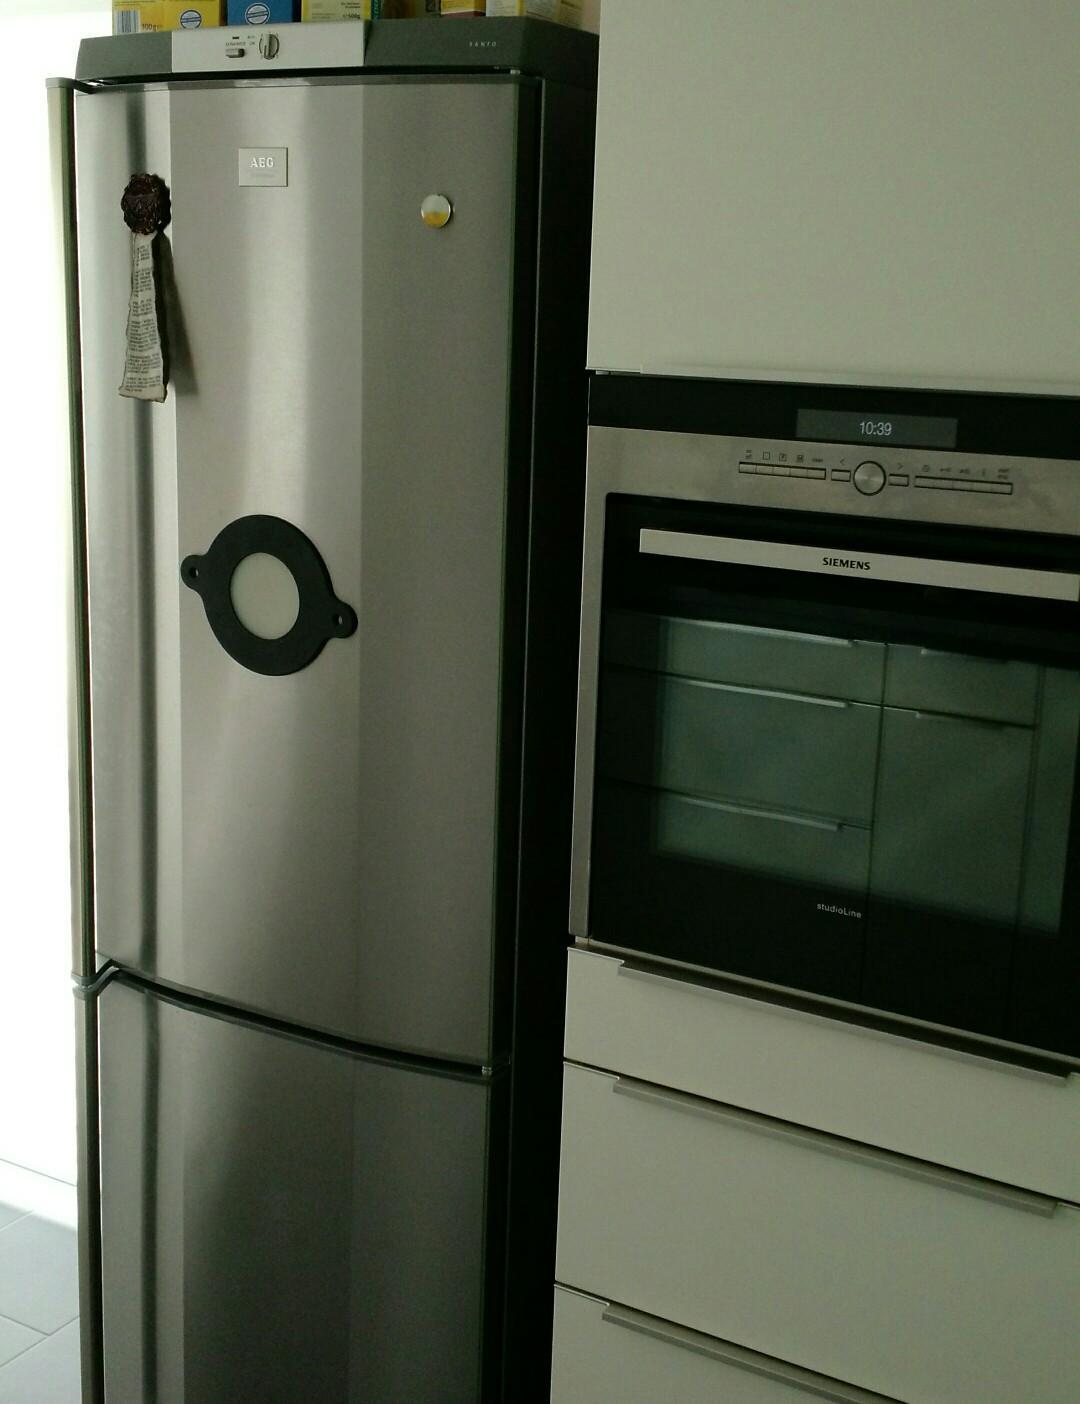 Kühlschrank Eierhalter 10 : Eierhalter kühlschrank aeg eierablage liebherr miele kühlschrank